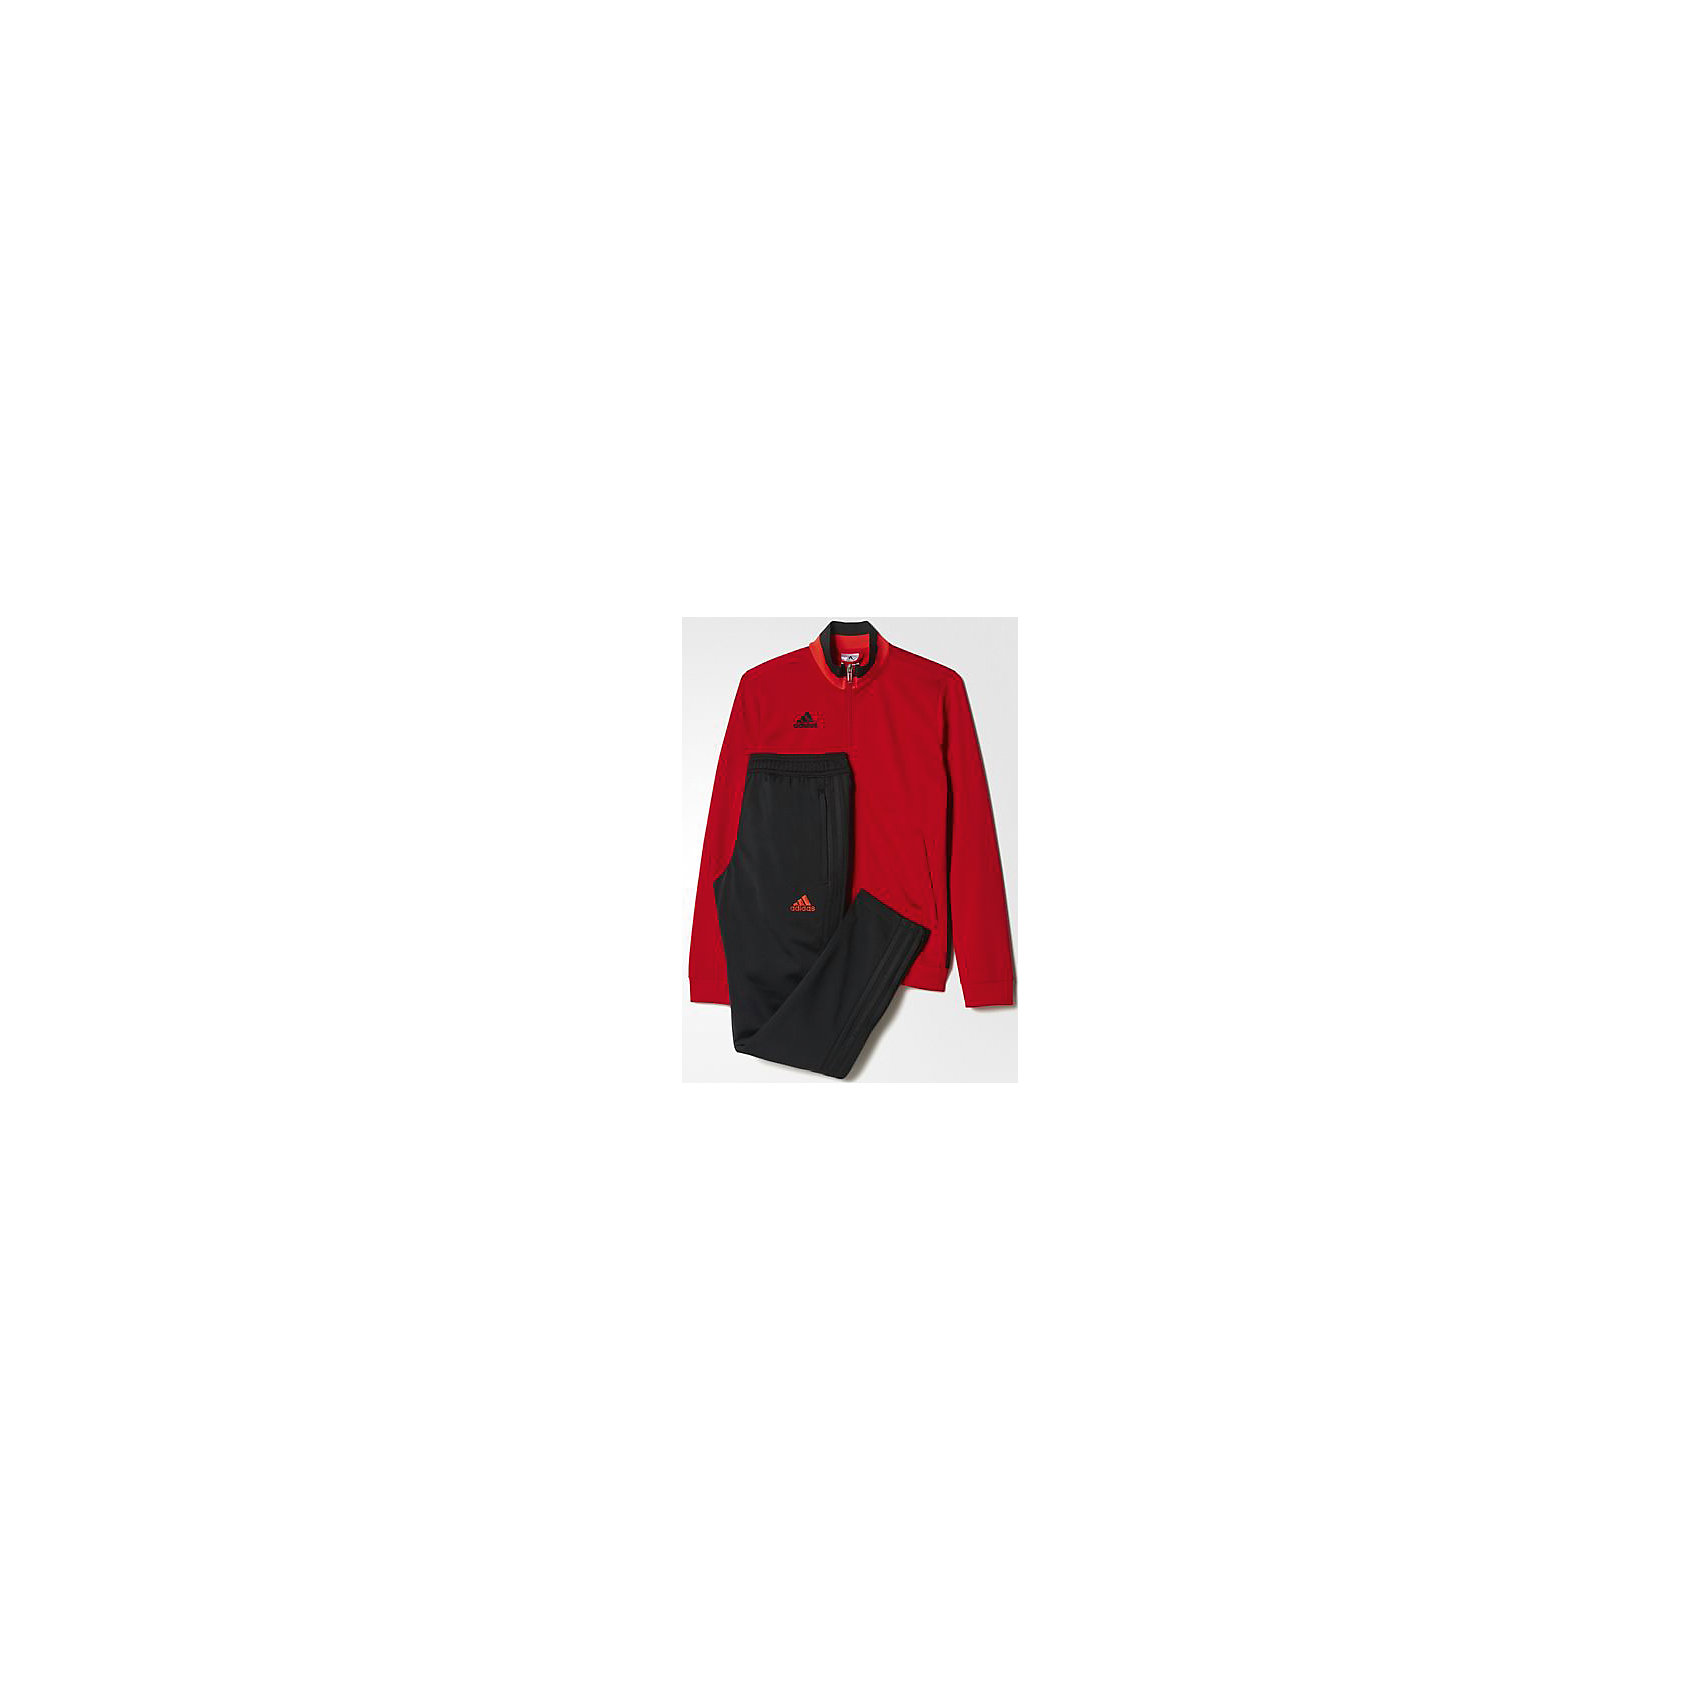 Спортивный костюм Performance adidasКостюм спортивный Аdidas (Адидас).<br><br>Характеристики:<br><br>• Цвет: красный, черный.<br>• Состав: 100% полиэстер.<br>• Материал: трикотаж.<br>• Олимпийка: передние прорезные карманы; застежка на молнию; воротник-стойка; рукава реглан; рифленые манжеты<br>• Брюки: боковые карманы; рифленый пояс на регулируемых завязках-шнурках; рифленые манжеты<br>• Зауженный крой брюк.<br><br>Комфортный костюм для юных спортсменов. Модель выполнена из гладкого трикотажа. Костюм состоит из толстовки  и брюк. Толстовка красного цвета с застежкой на молнии, воротником-стойкой и передними карманами, рукавами реглан, рифлеными манжетами, декорирована черными лампасами.  Зауженные брюки с боковыми карманами на молниях. В таком спортивном костюме ваш ребенок будет чувствовать себя удобно и комфортно на занятиях спортом и в повседневной жизни.<br><br>Костюм спортивный  Adidas (Адидас), можно купить в нашем интернет – магазине.<br><br>Ширина мм: 247<br>Глубина мм: 16<br>Высота мм: 140<br>Вес г: 225<br>Цвет: черный<br>Возраст от месяцев: 84<br>Возраст до месяцев: 96<br>Пол: Мужской<br>Возраст: Детский<br>Размер: 128,164,140,152<br>SKU: 5003608